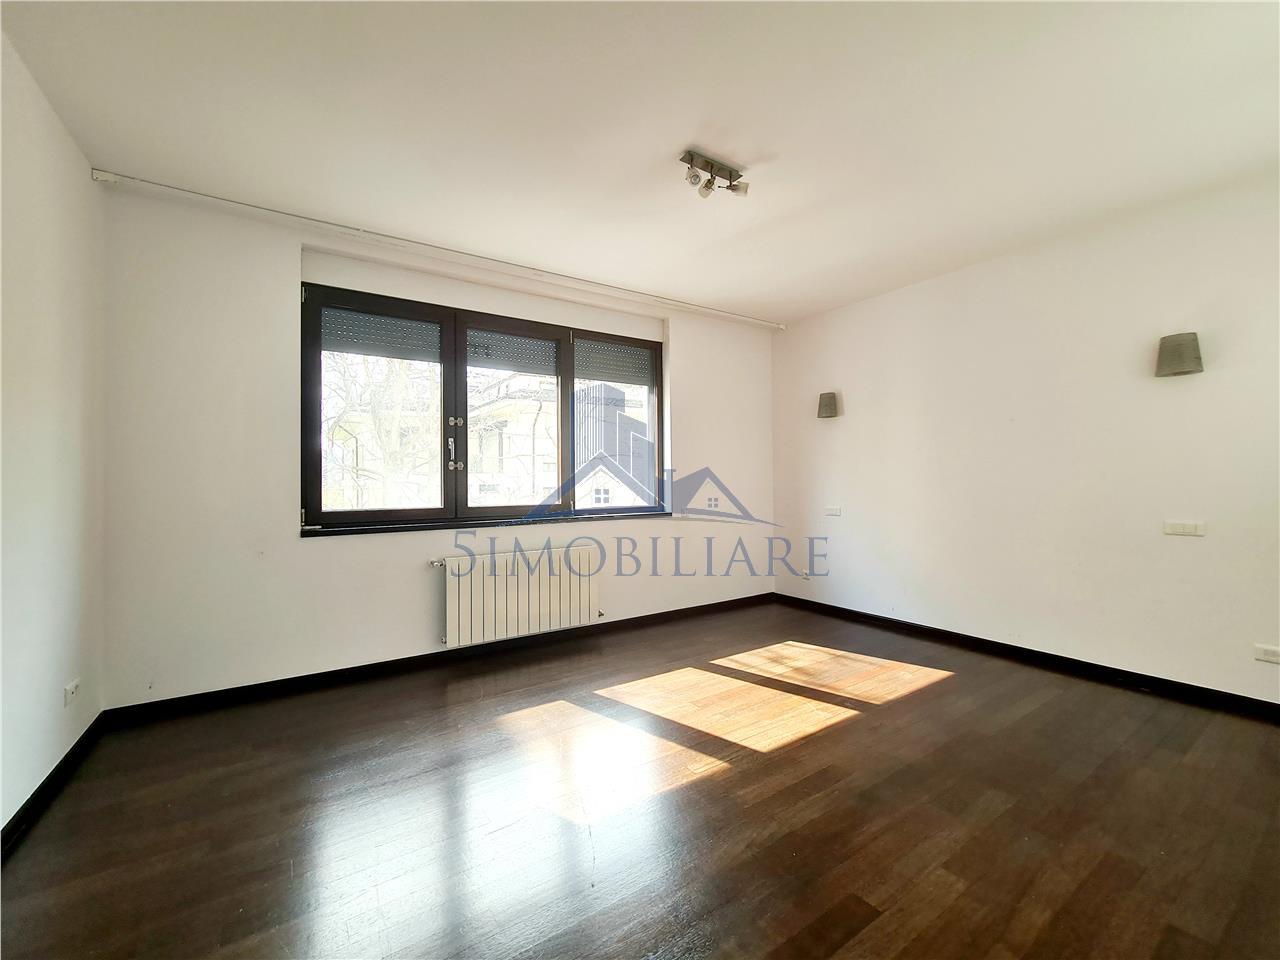 Premium location / 5 Rooms /220 sqm apartment for rent